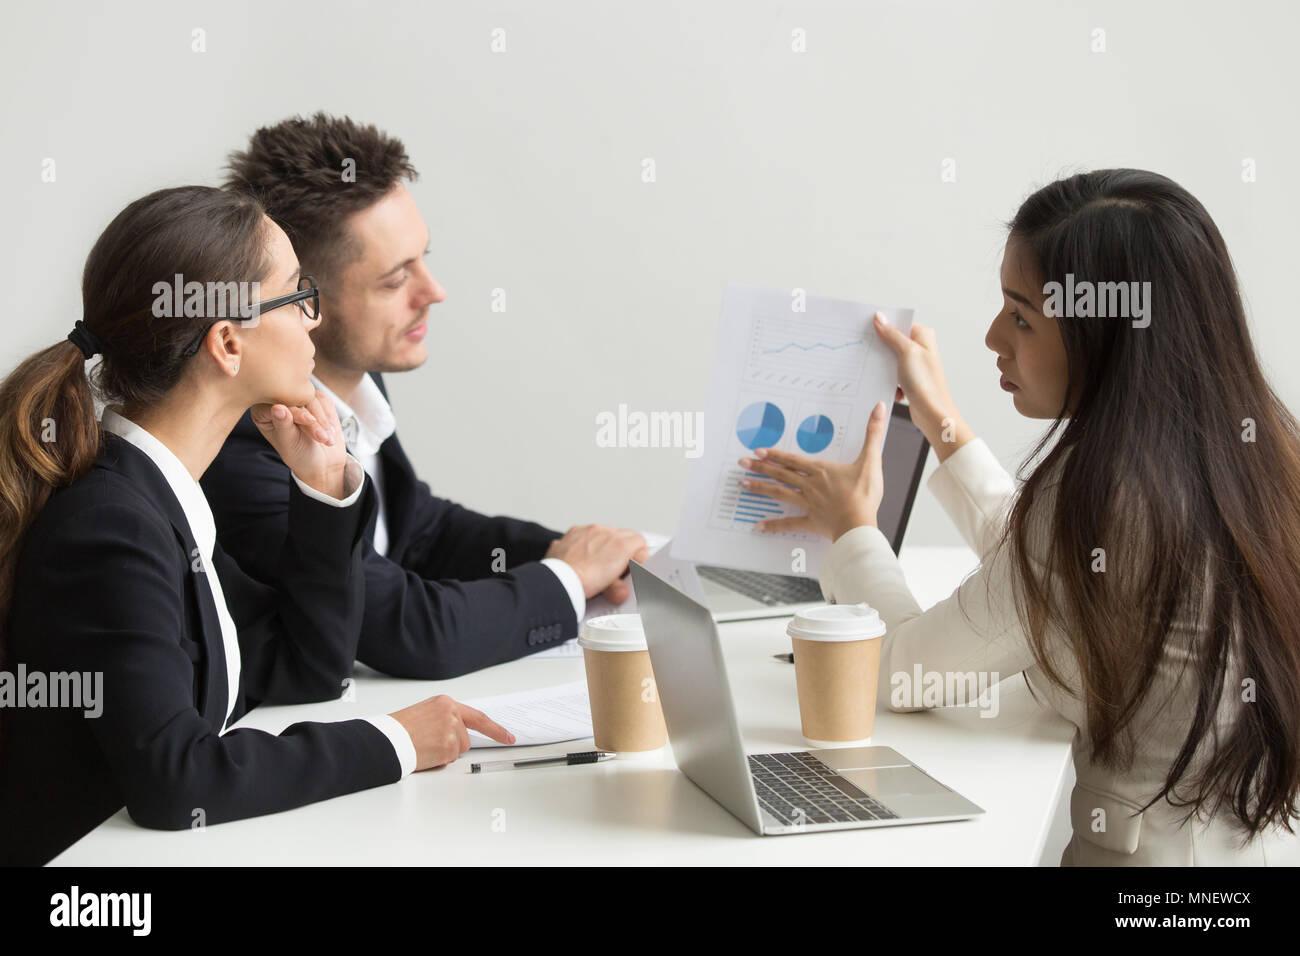 Weibliche Arbeitnehmer präsentieren visuelle Vorlagen für Mitarbeiter Stockbild